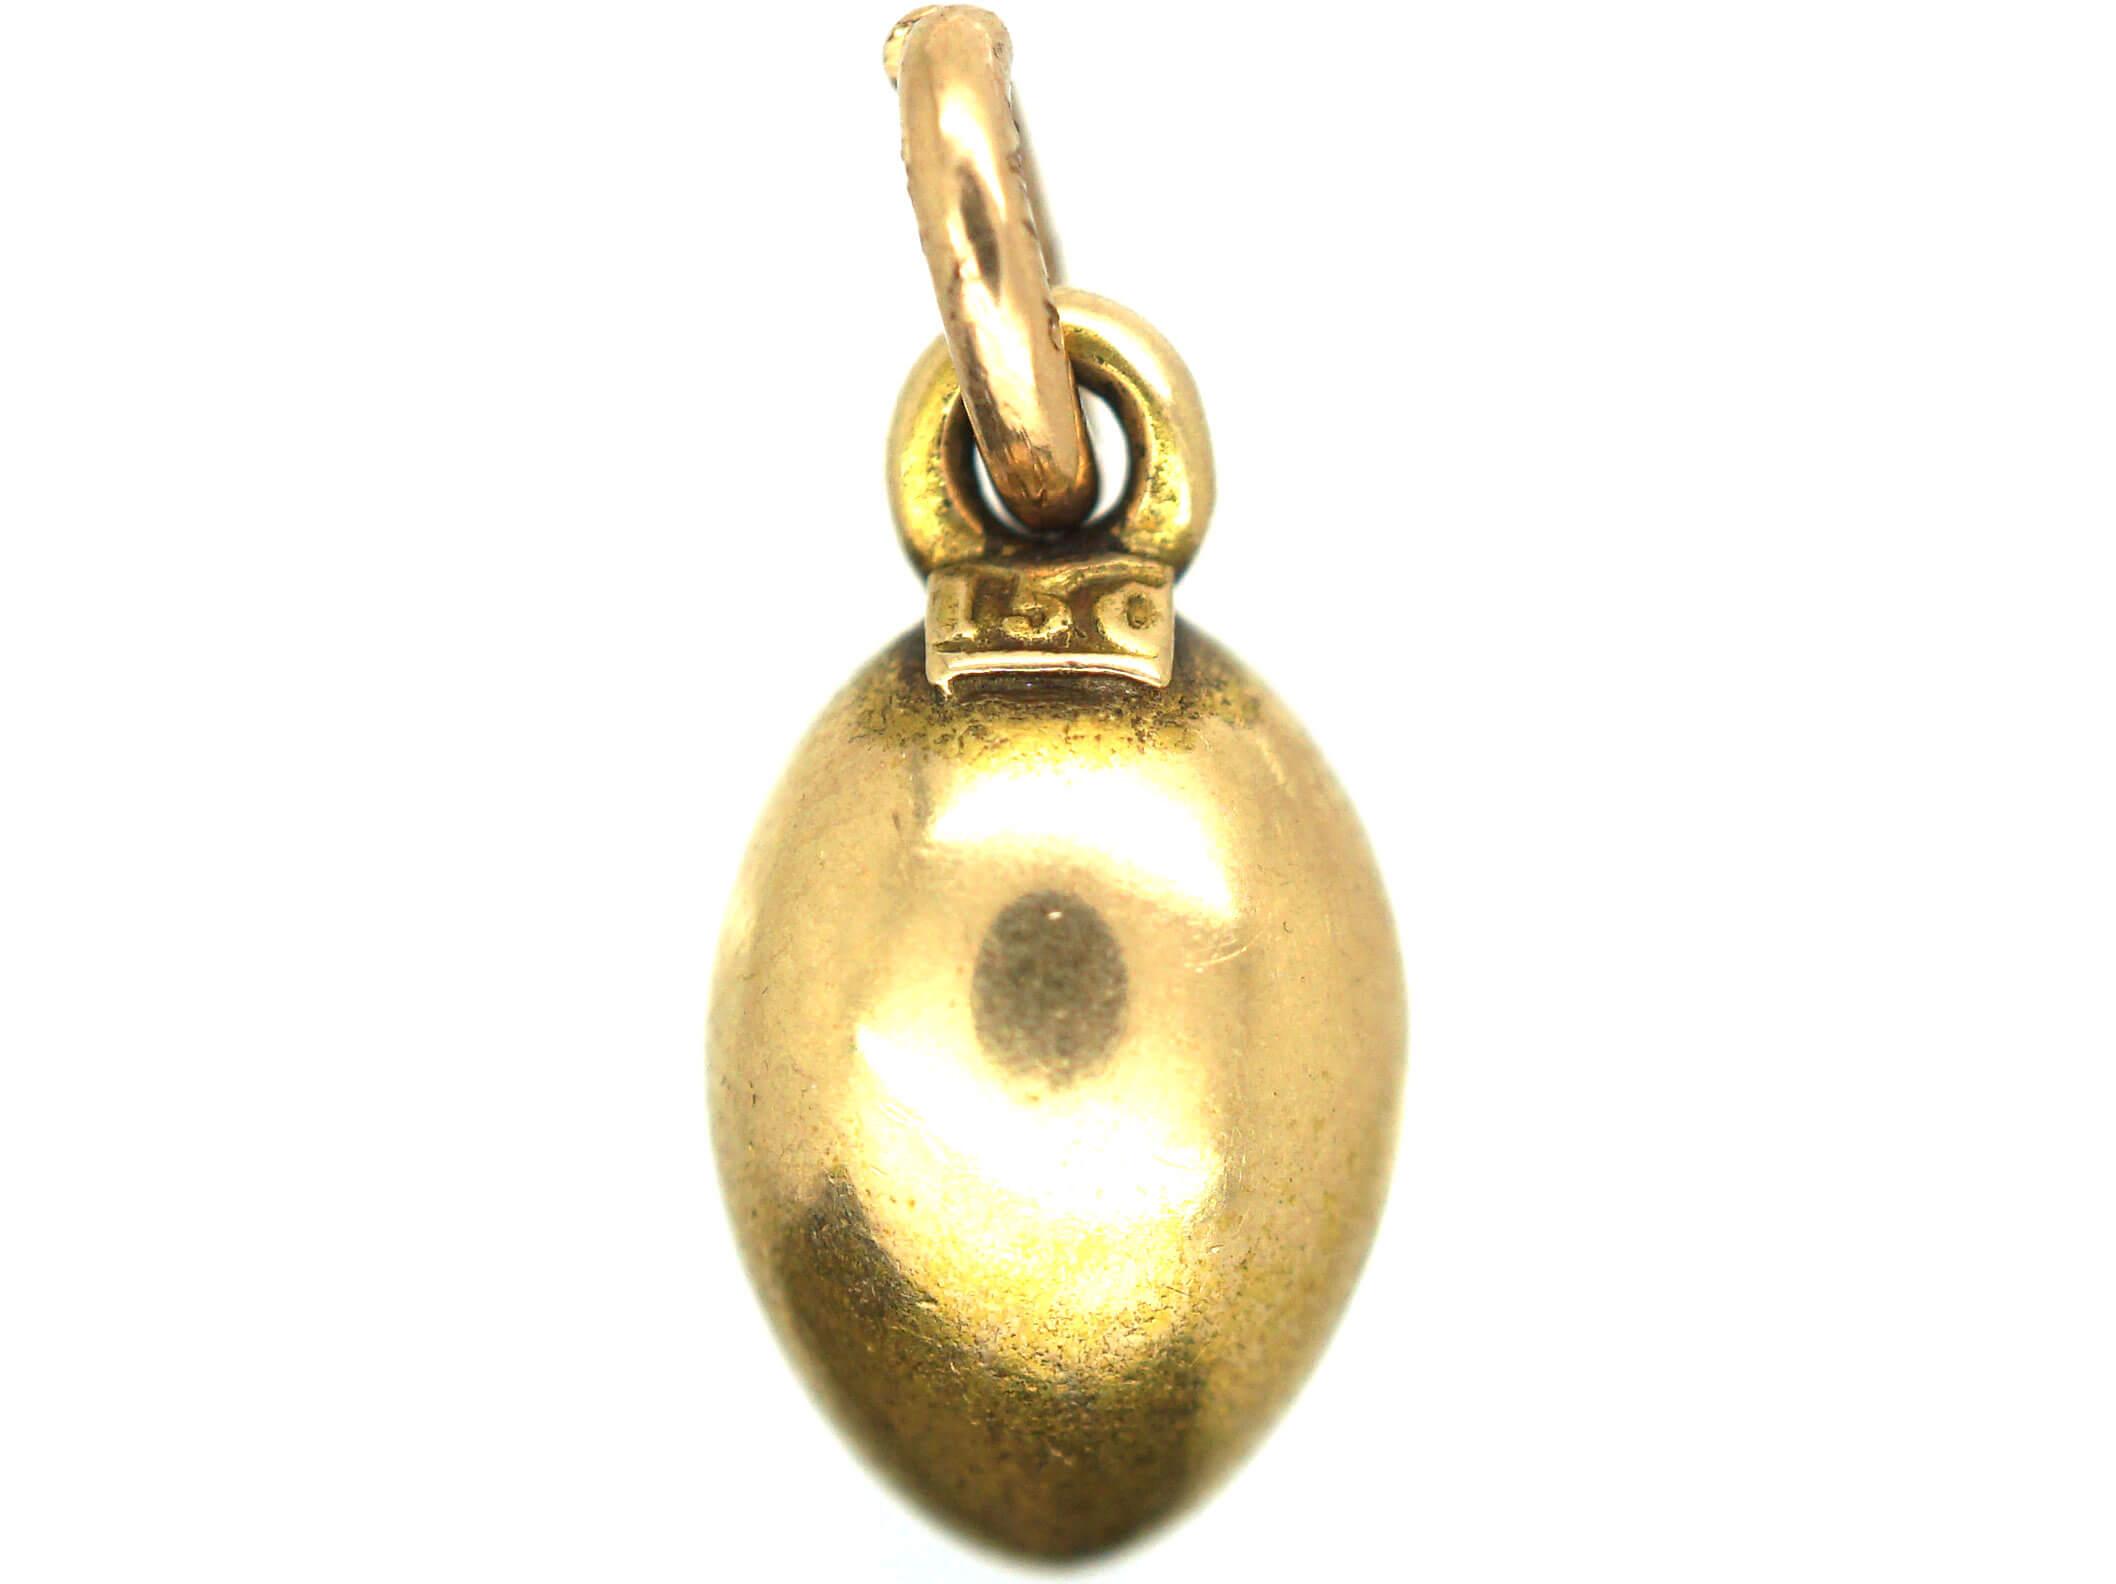 Edwardian 15ct Gold Egg Pendant